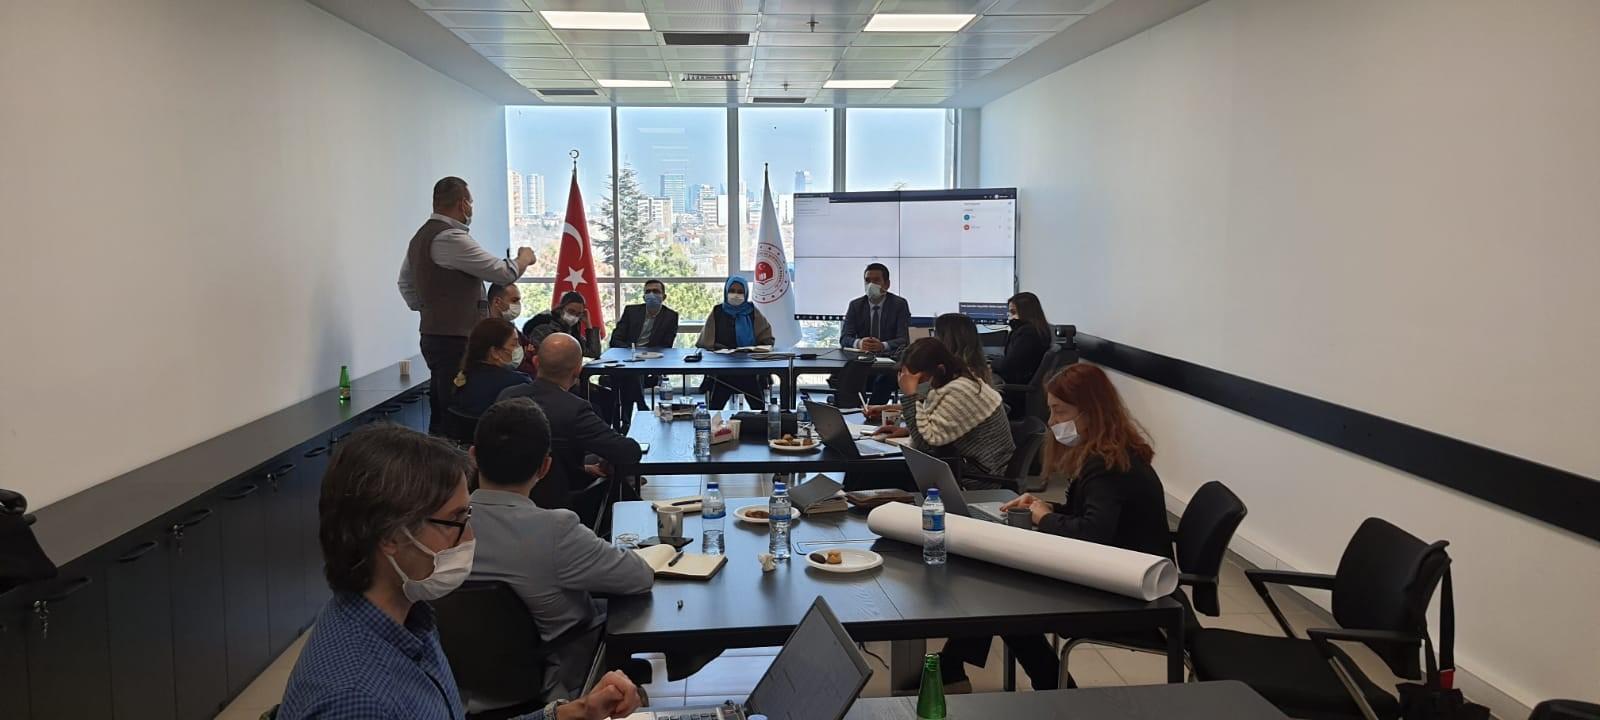 KABEV projesi kapsamında yürütülecek olan danışmanlık işleri dahilinde  eğitim düzenlenmiştir